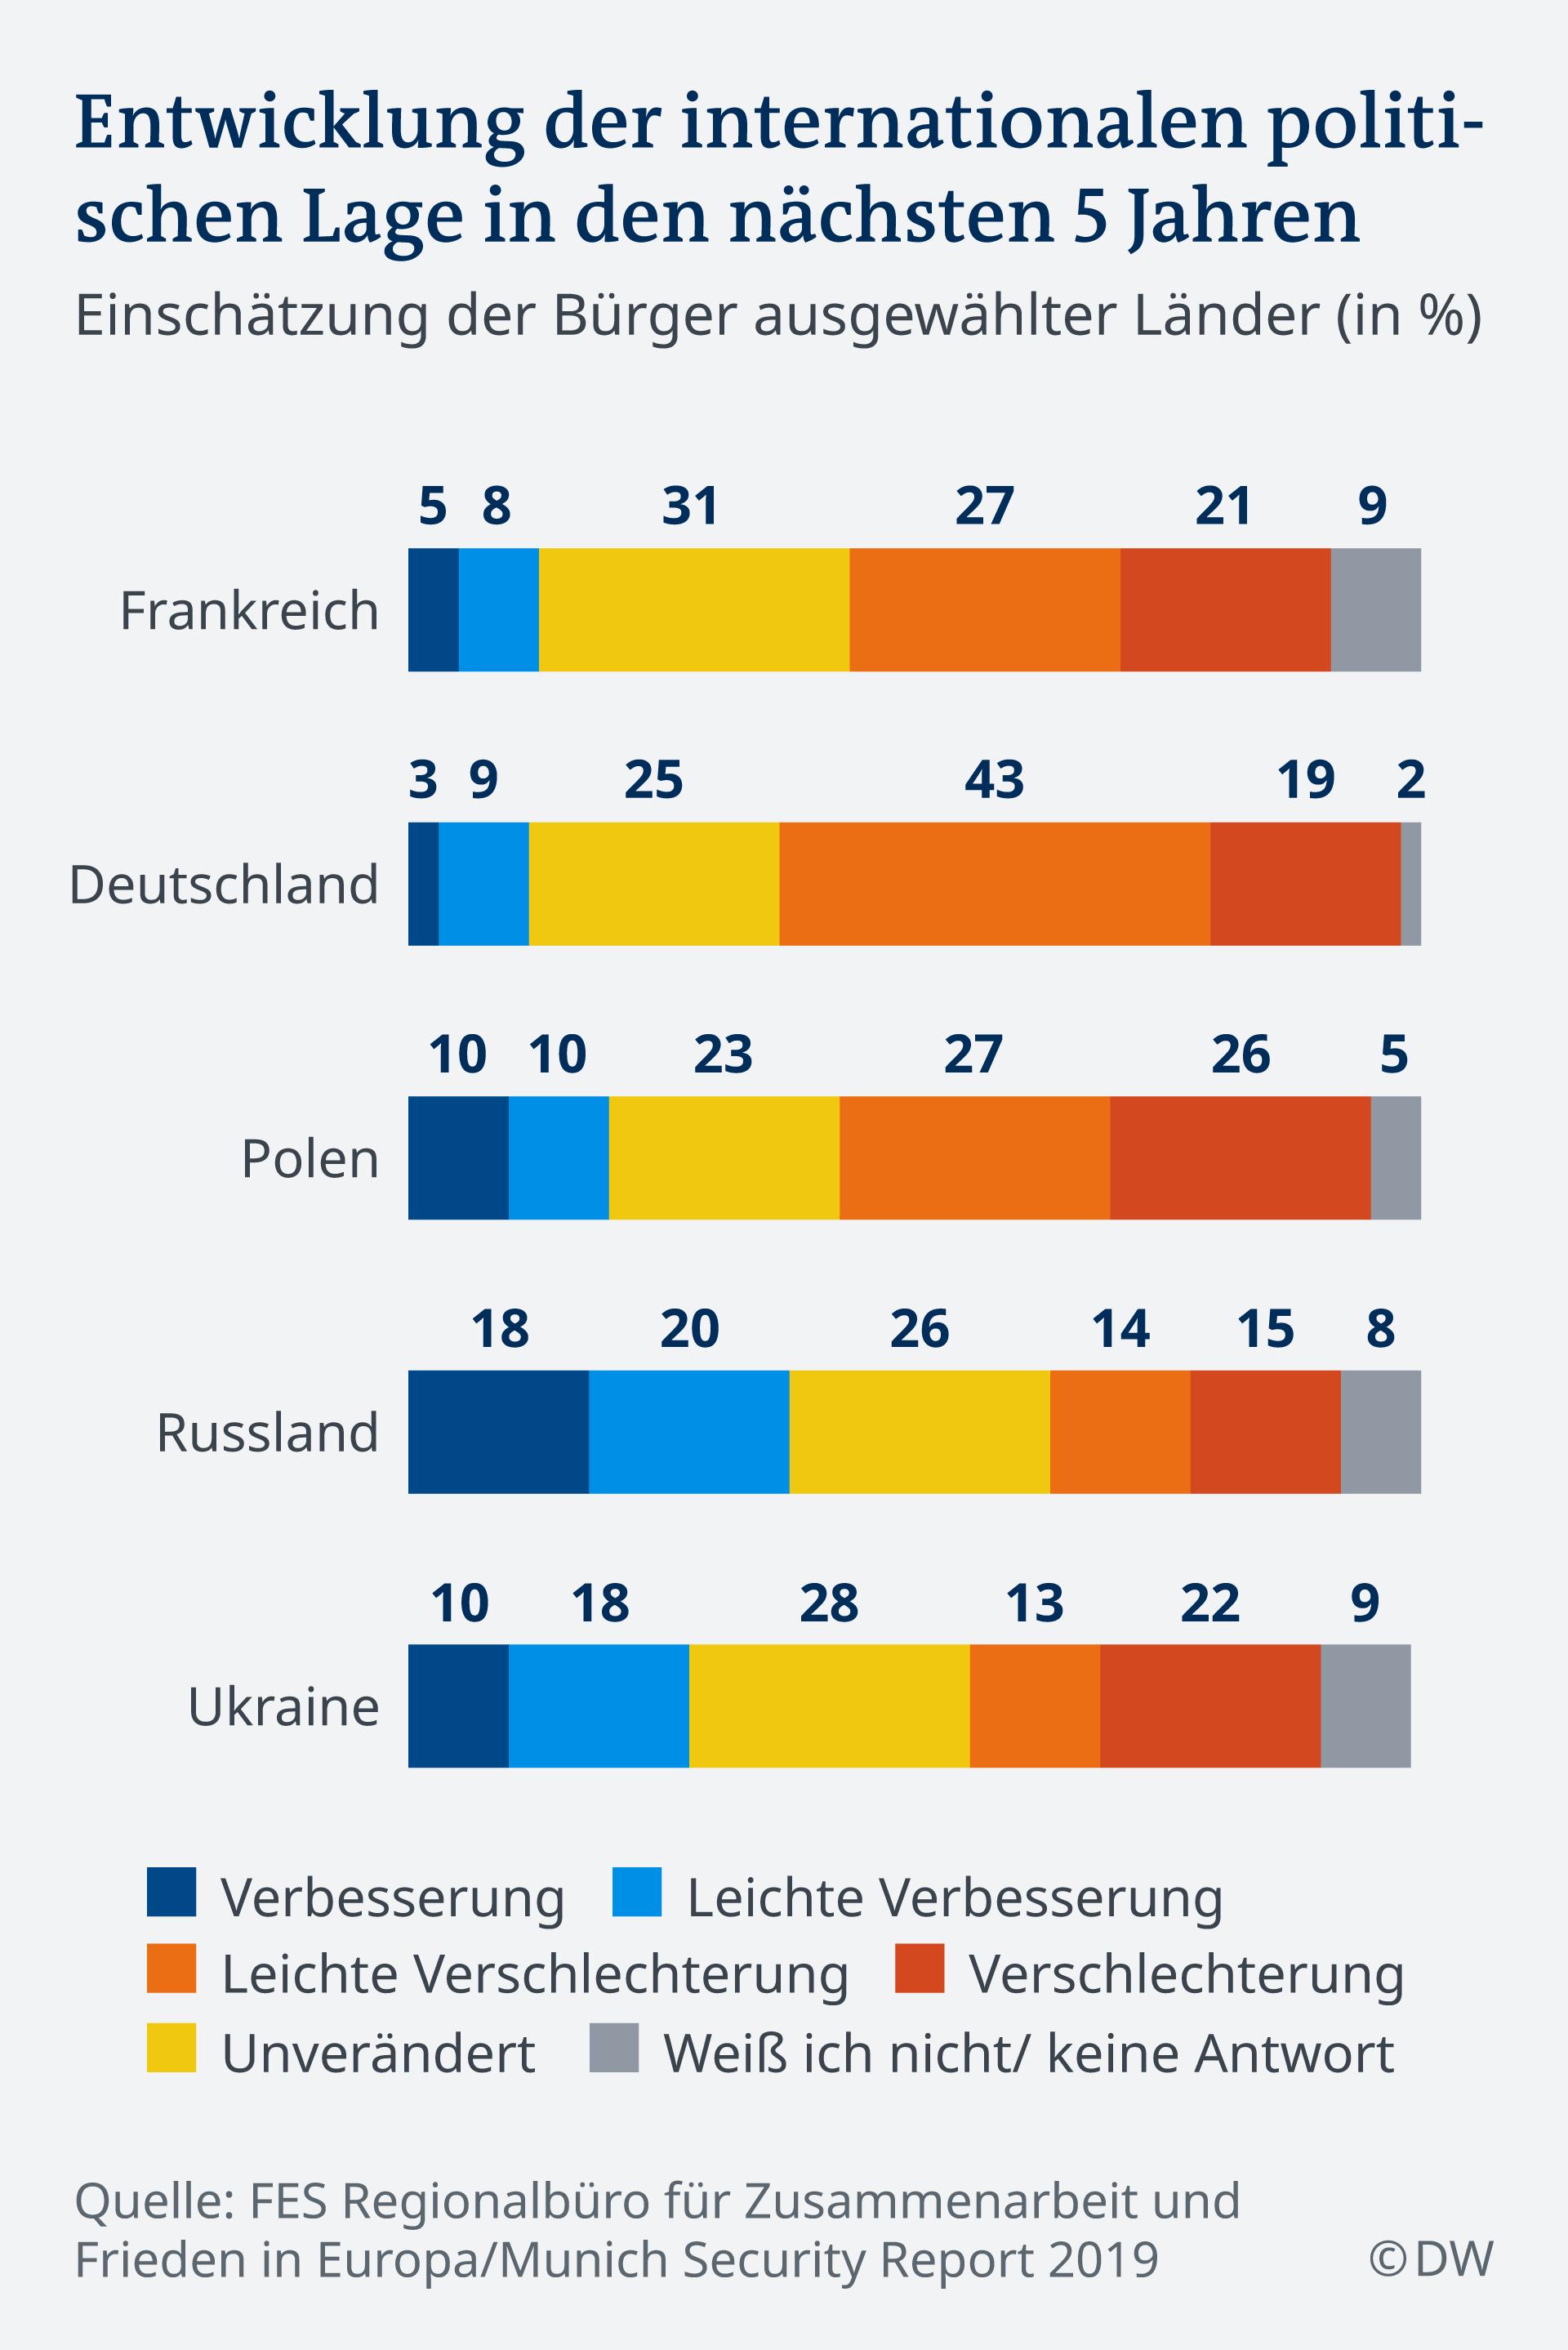 Infografik Entwicklung der internationalen politischen Lage in den nächsten 5 Jahren